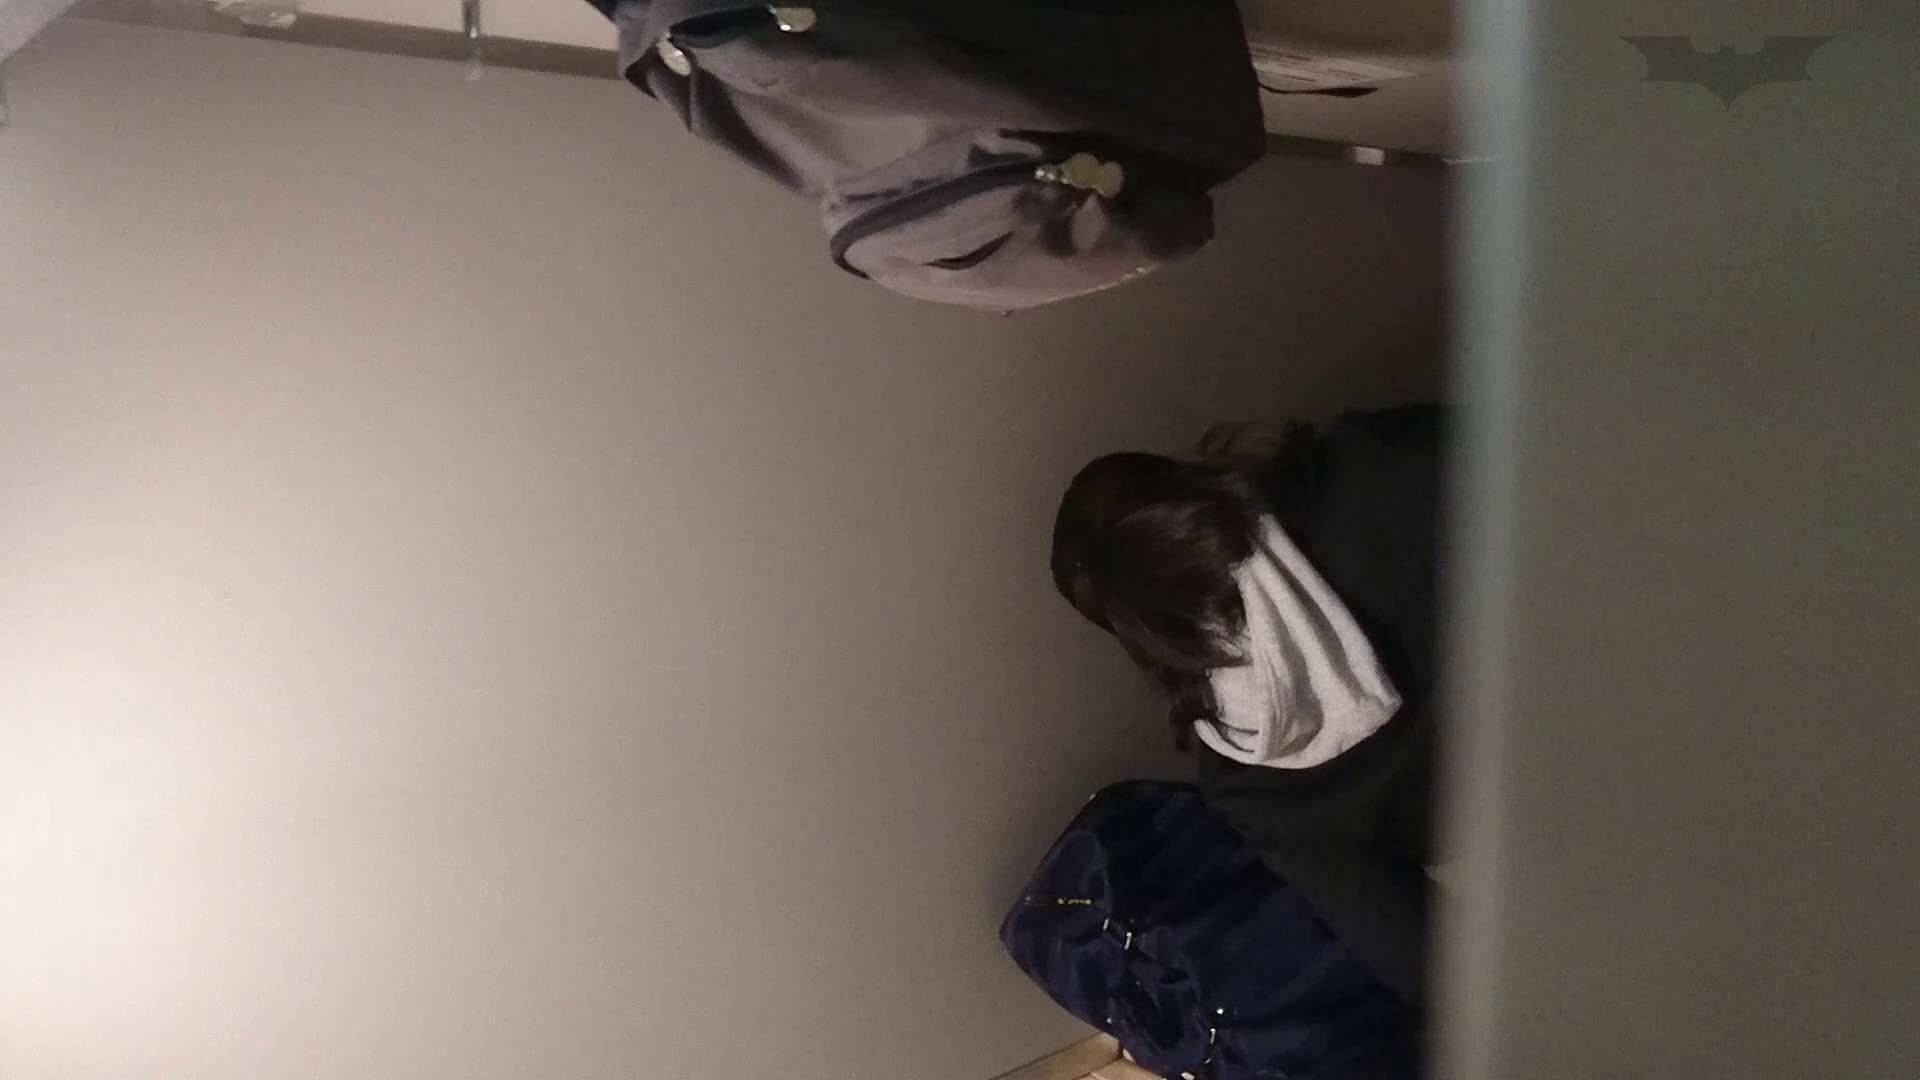 化粧室絵巻 ショッピングモール編 VOL.15 盛合せ  51PIX 6